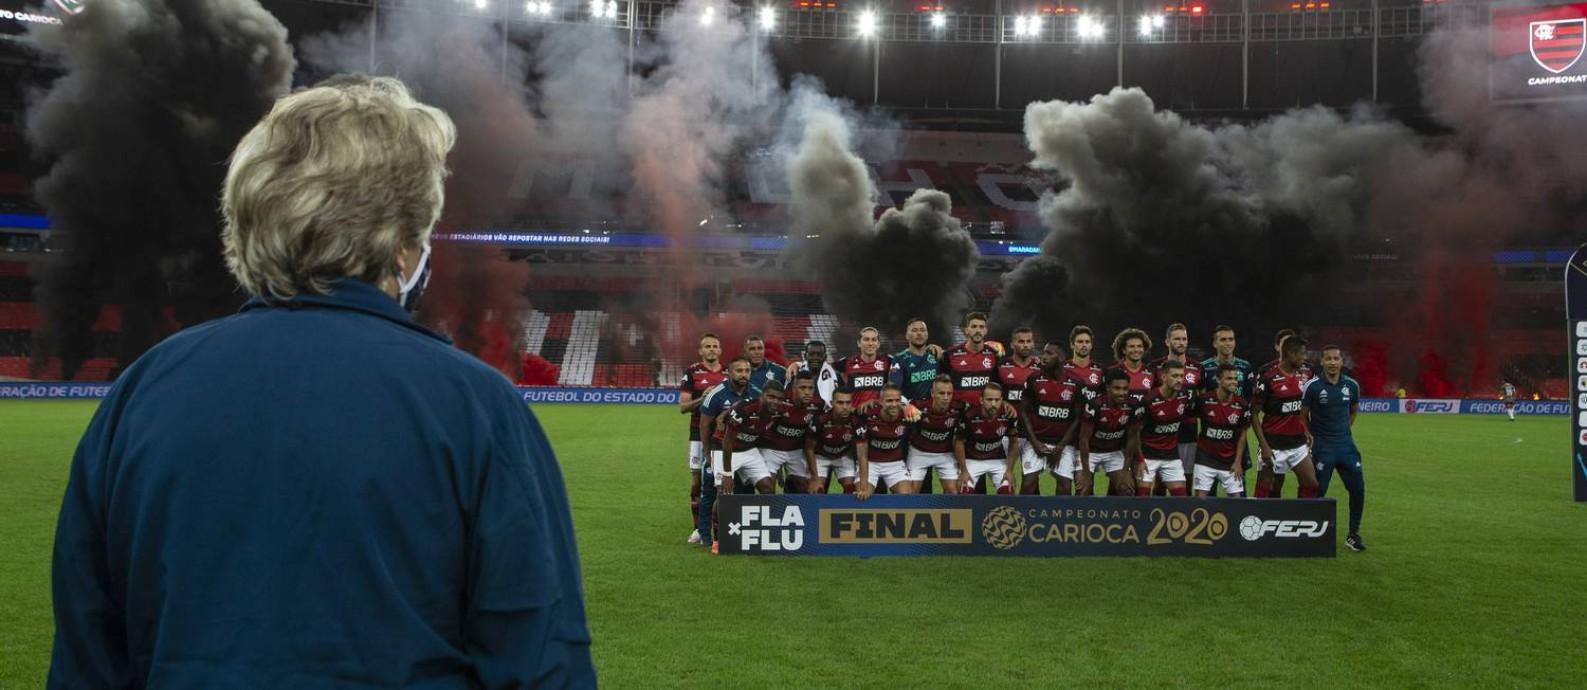 Jorge Jesus observa os jogadores do Flamengo antes da final do Campeonato Carioca: último título do treinador no clube Foto: Alexandre Cassiano / Agência O Globo